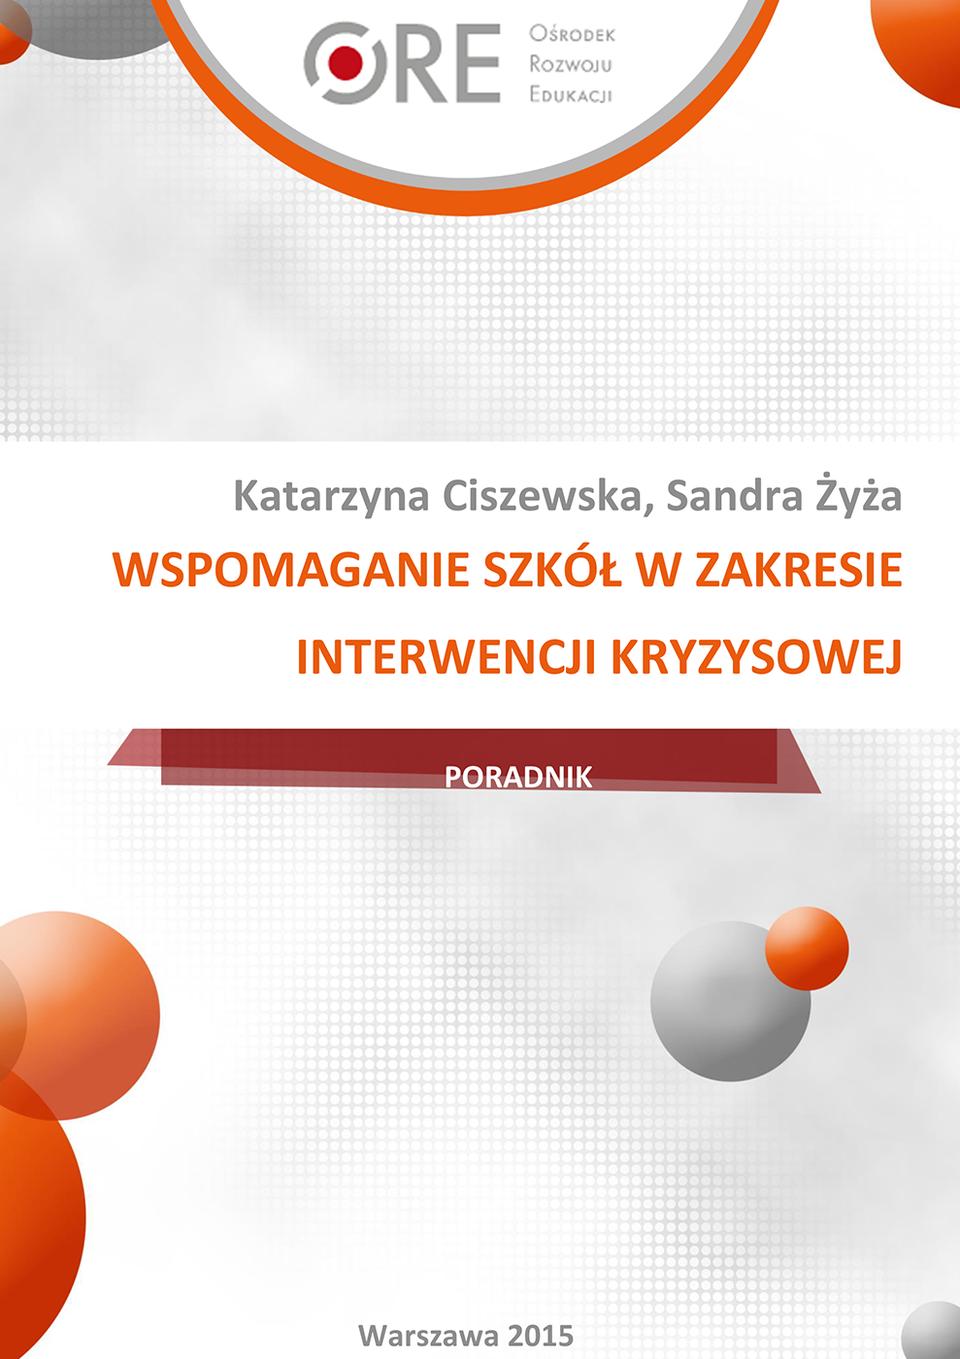 Pobierz plik: K. Ciszewska_S. Zyza Poradnik-wspomaganie-szkol_w_zakresie_interwencji  Poradnictwo Psychologiczno-Pedagogiczne Profilaktyka.pdf